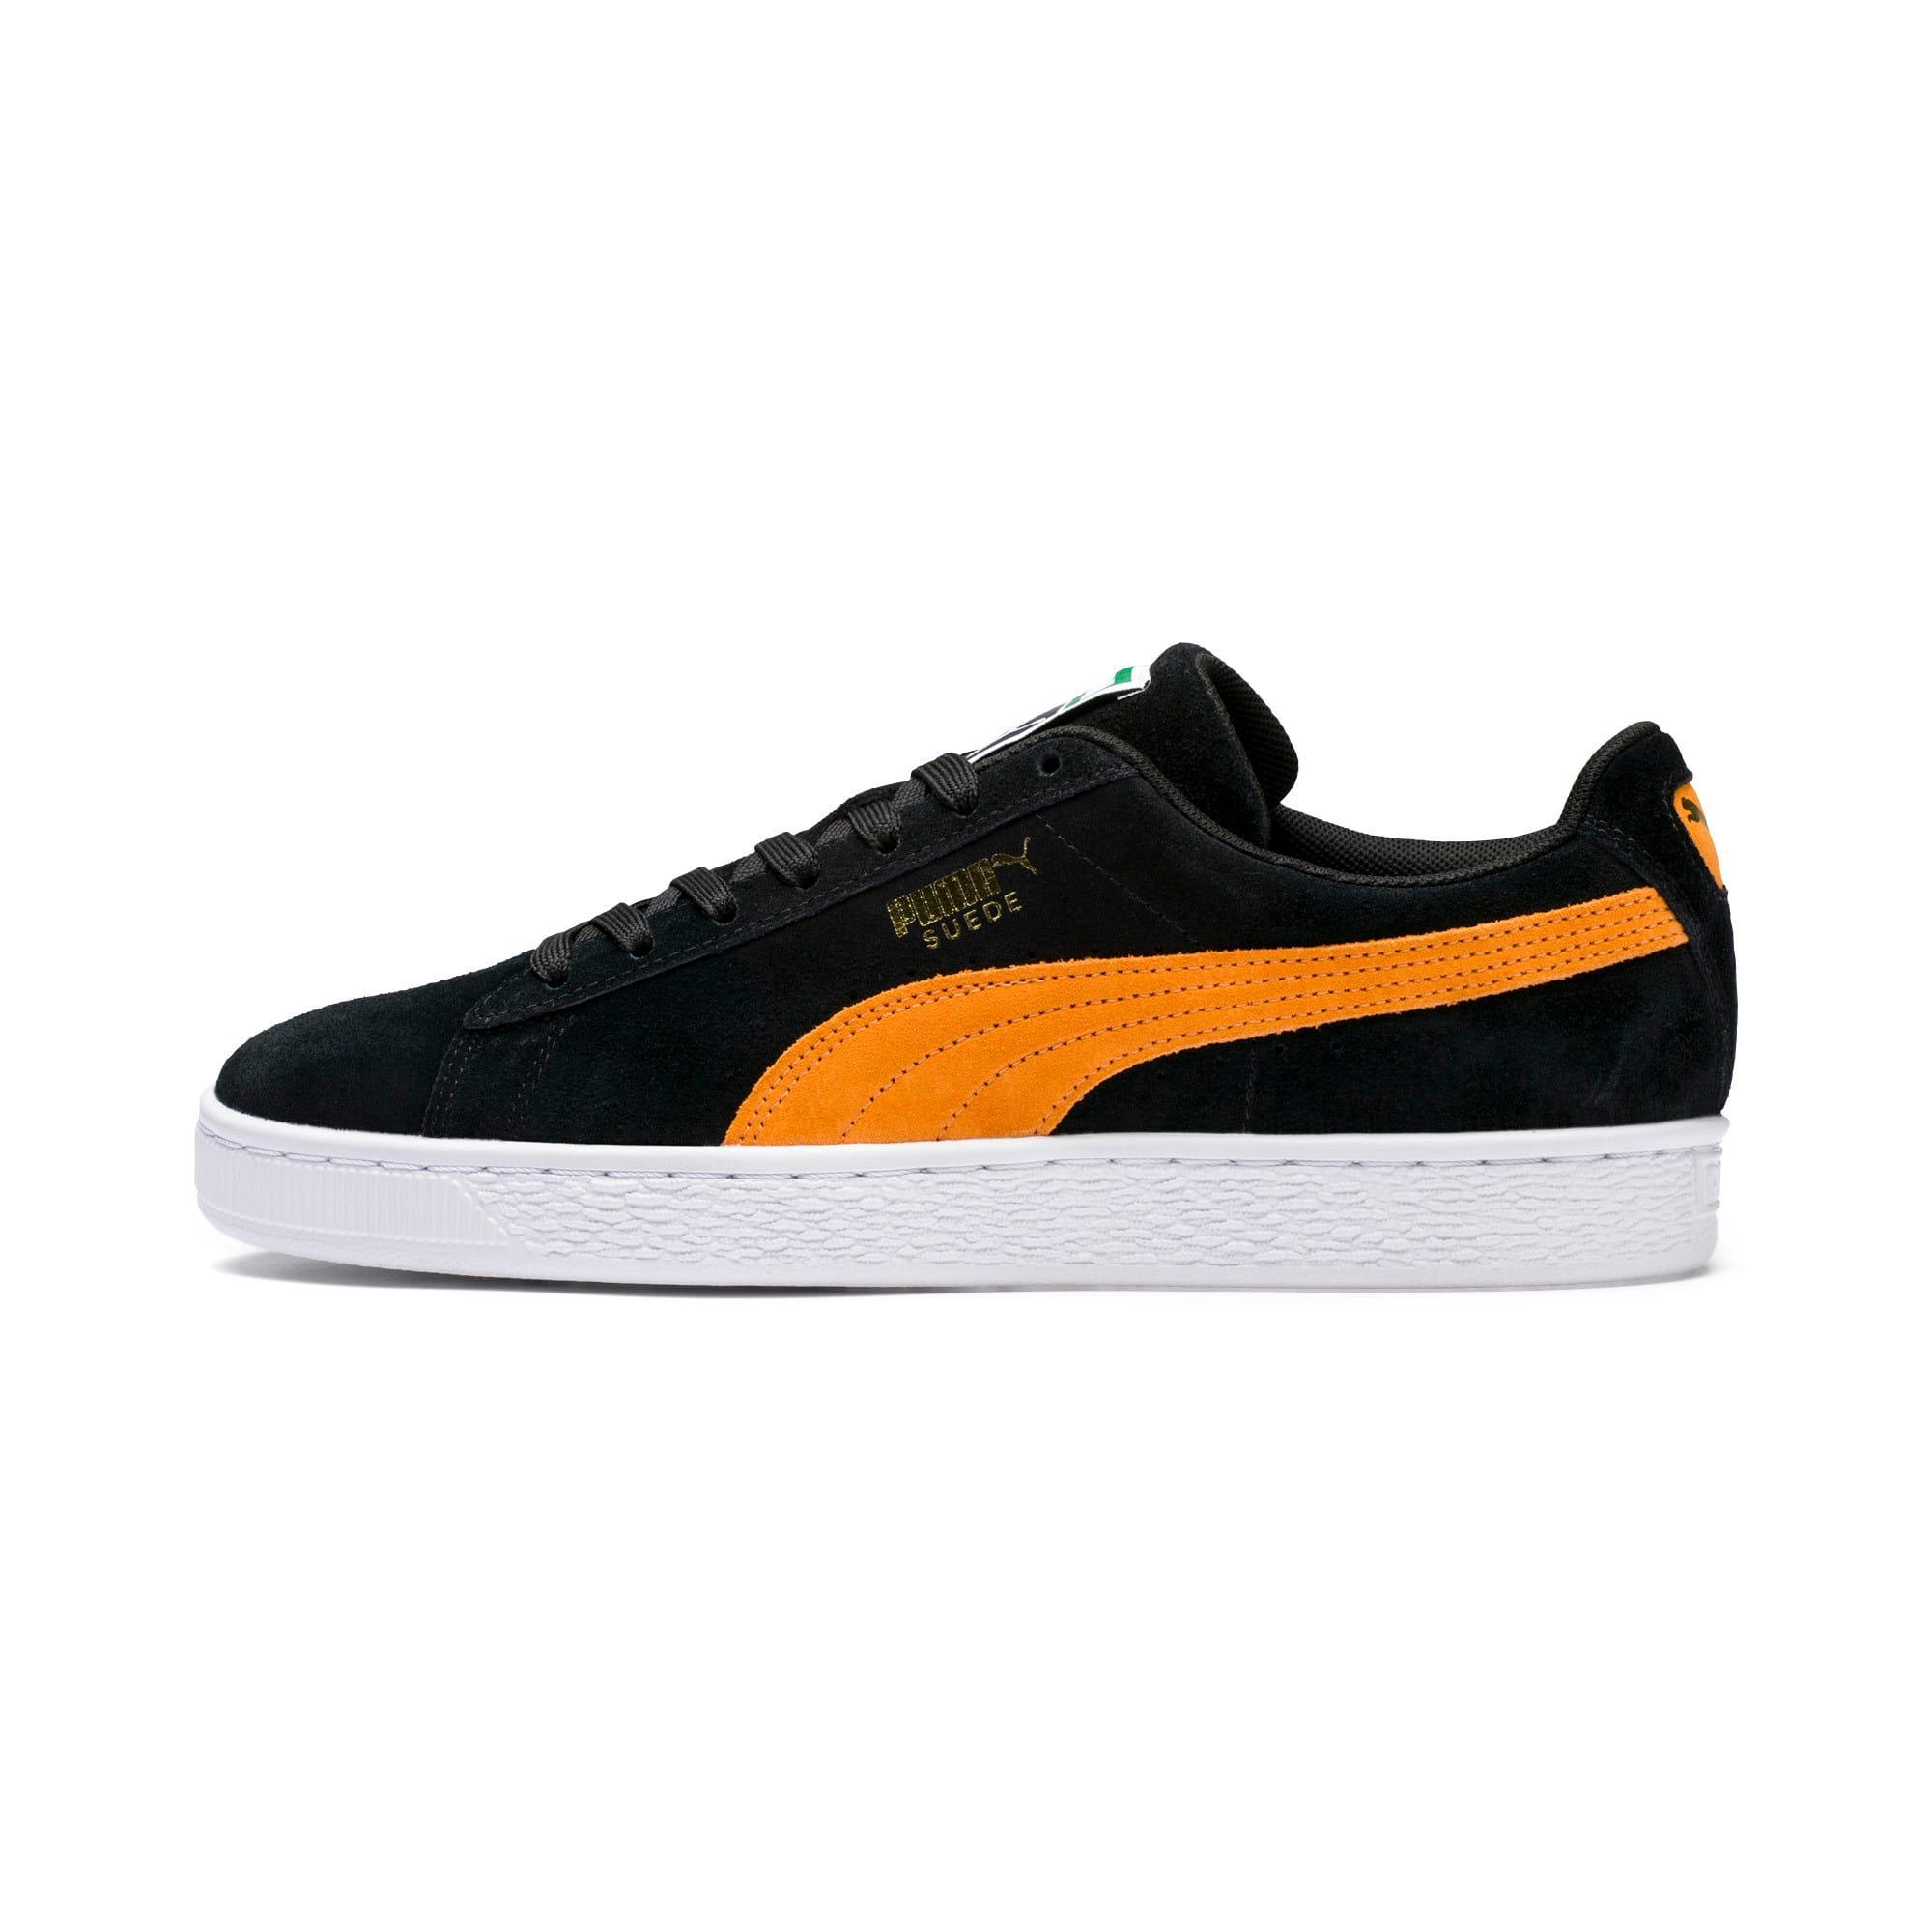 Imagen en miniatura 1 de Zapatillas Suede Classic, Puma Black-Orange Pop, mediana